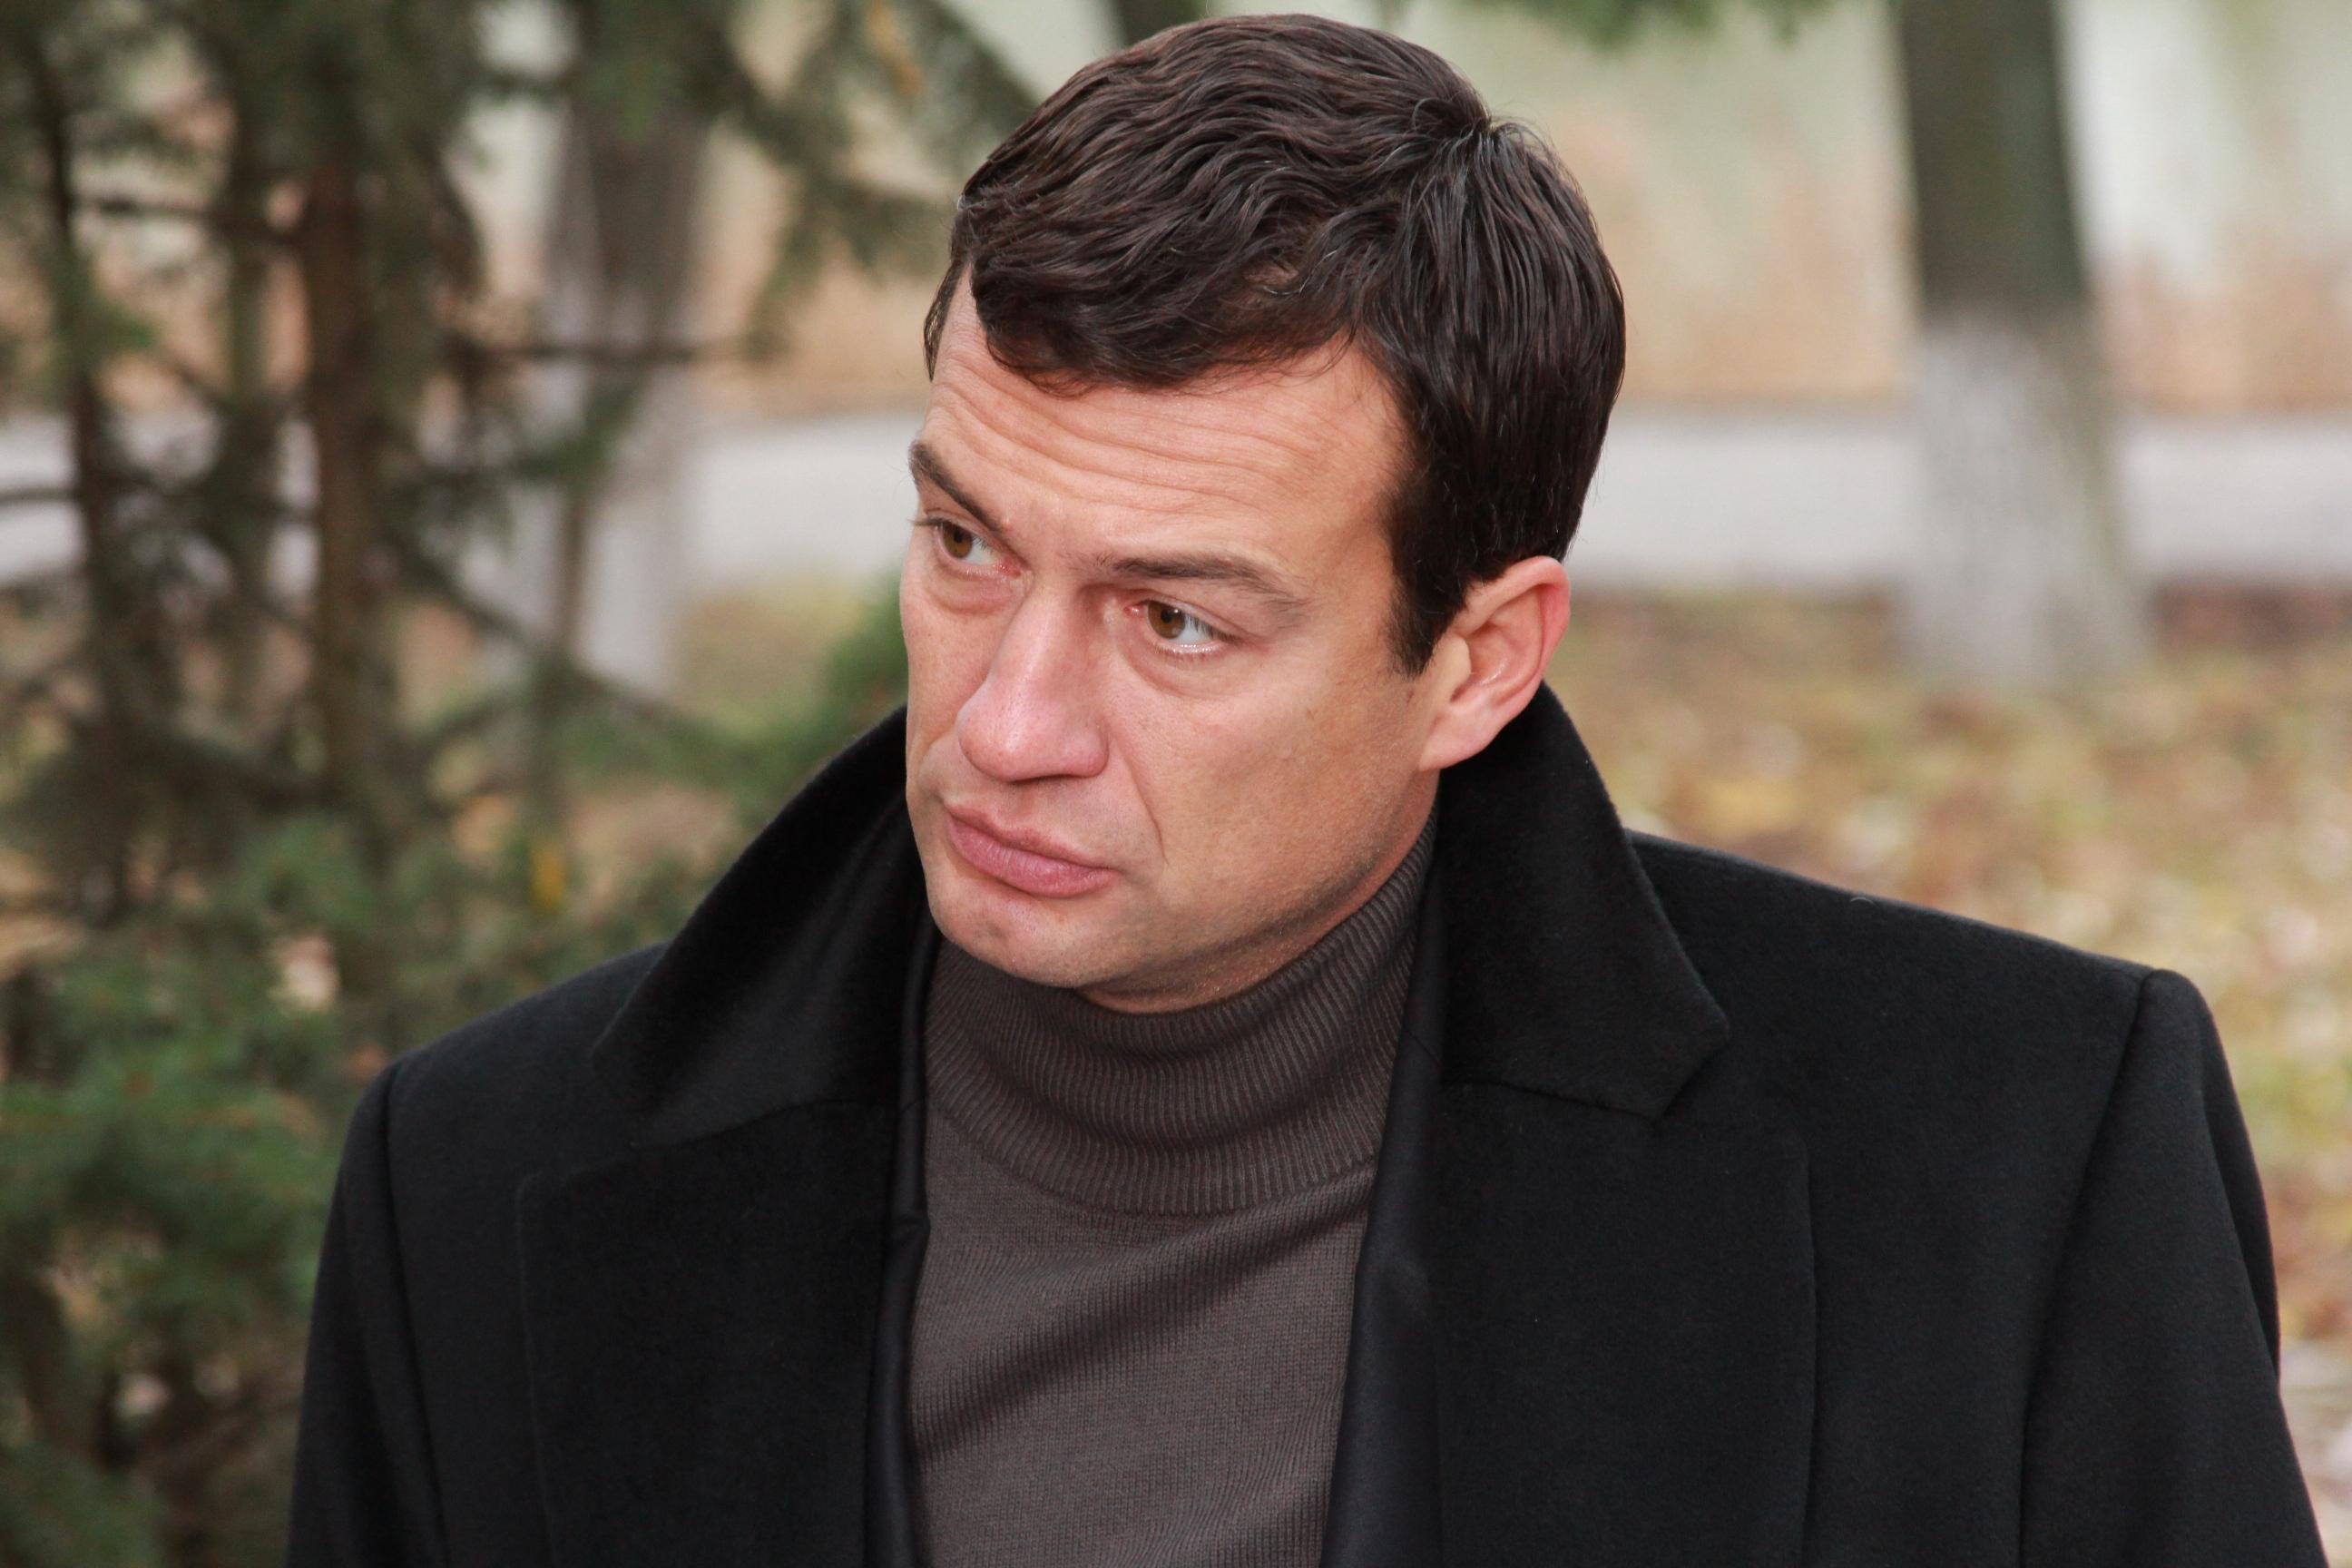 Andrey Chernyshov Net Worth